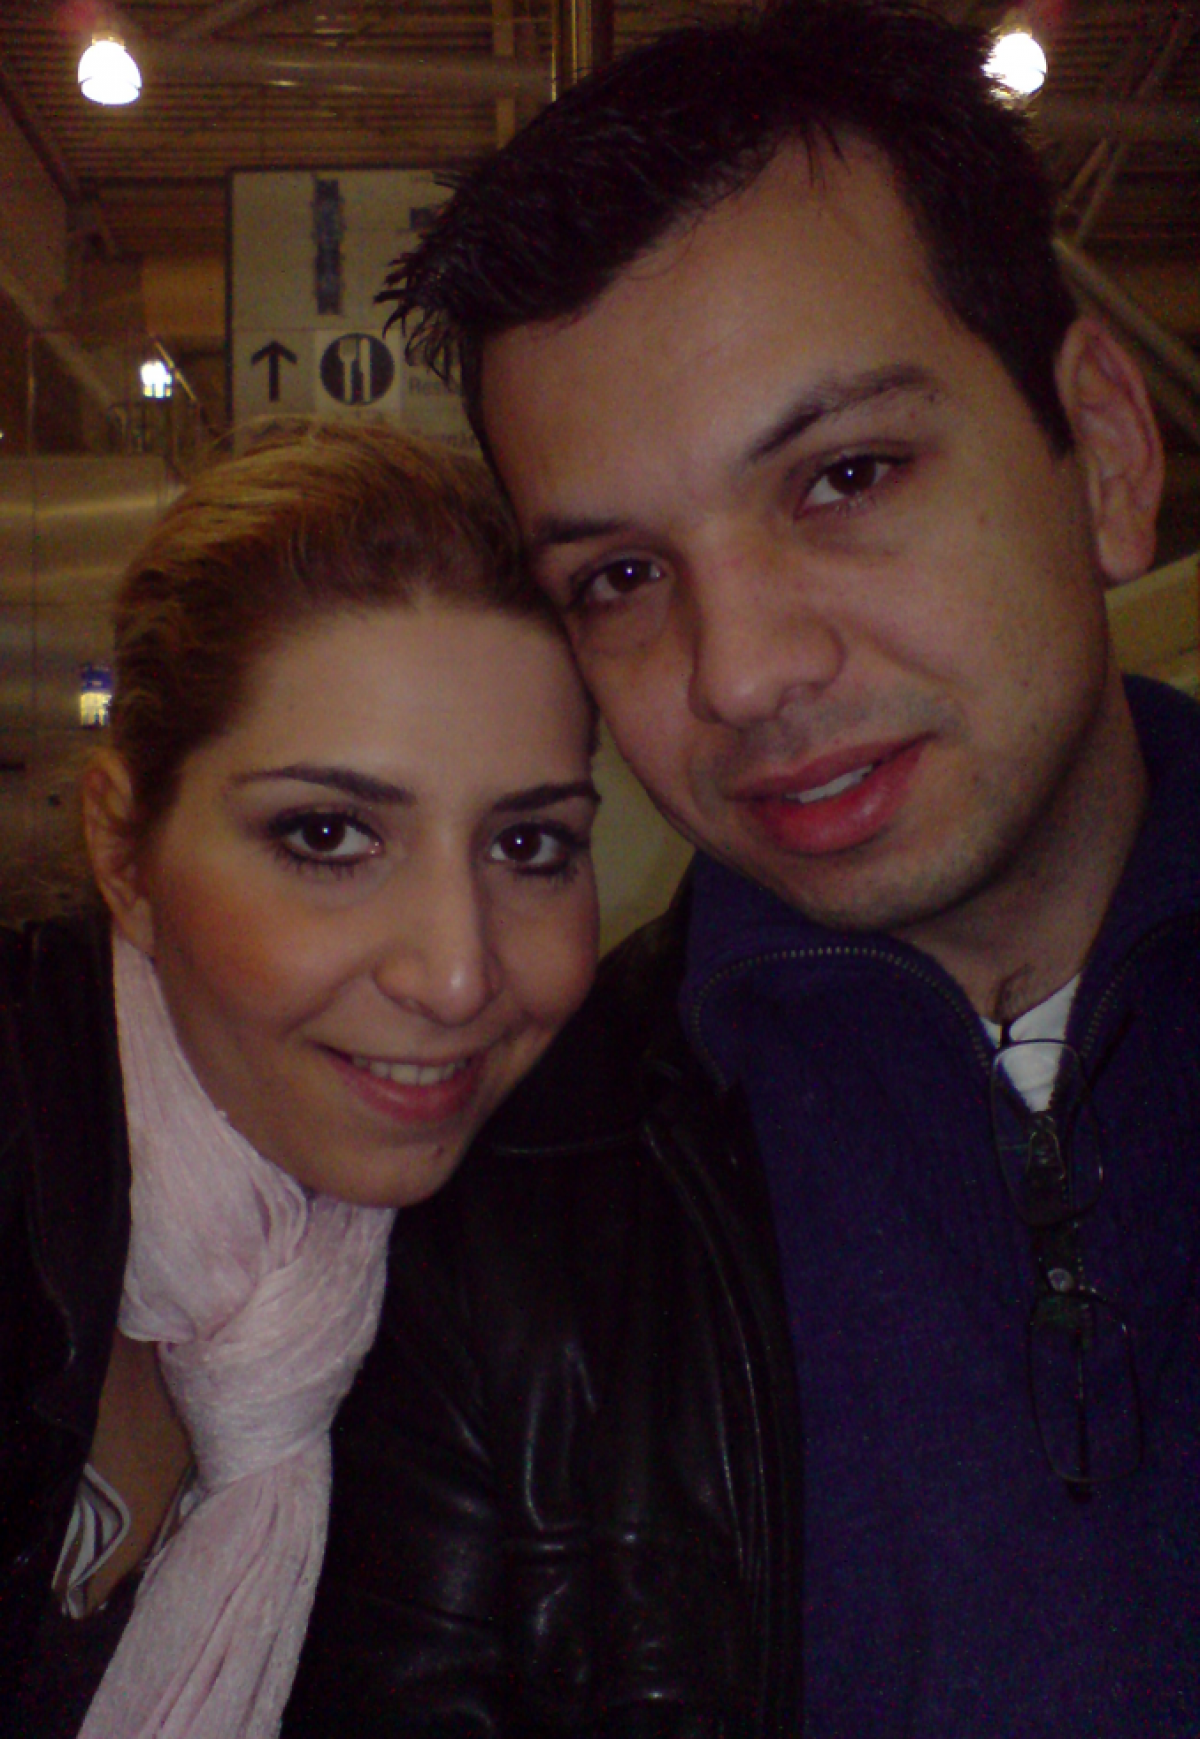 10 χρόνια μαζί..!